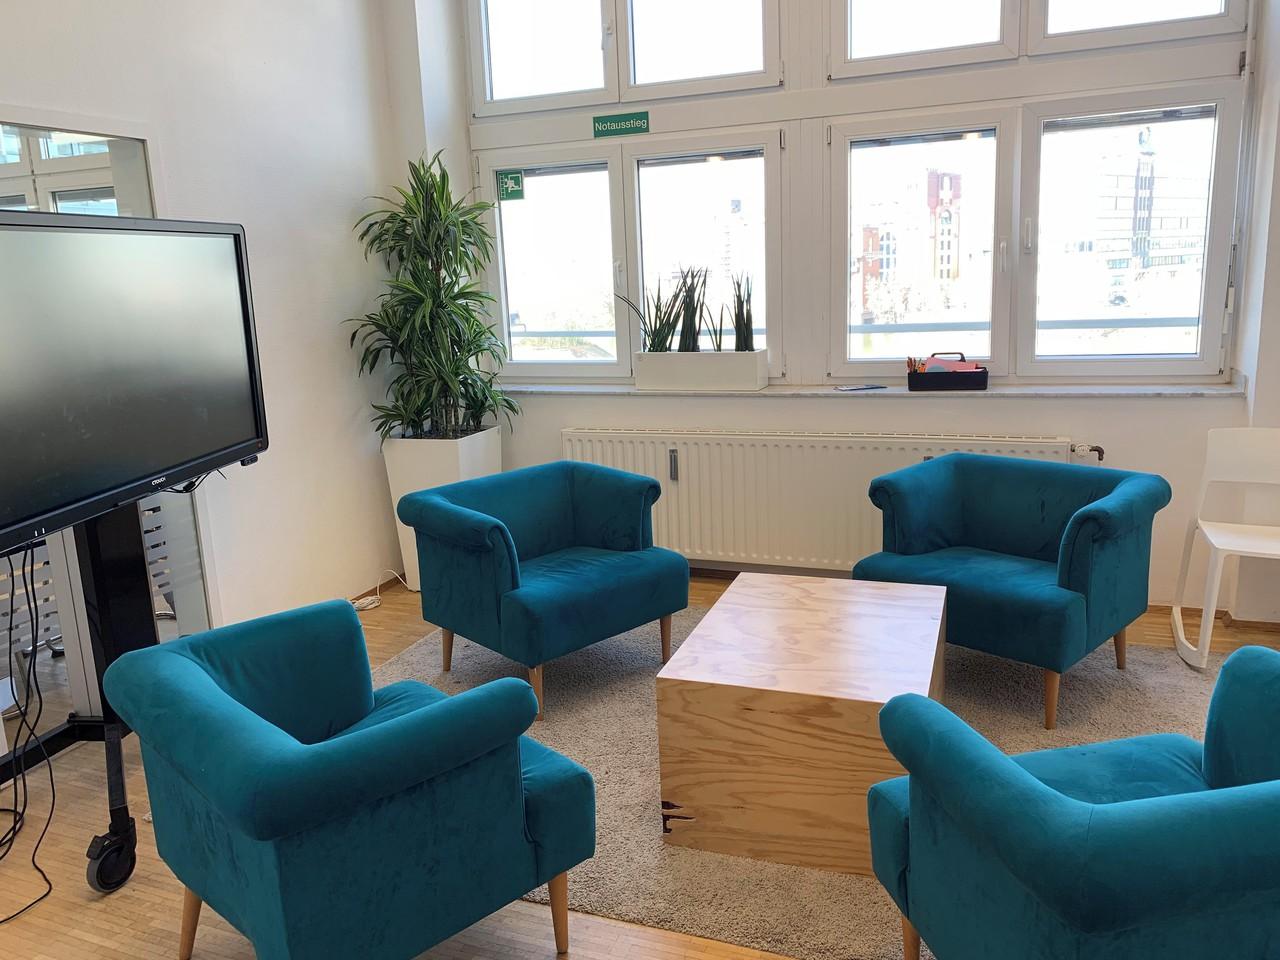 Düsseldorf workshop spaces Salle de réunion Porto image 3